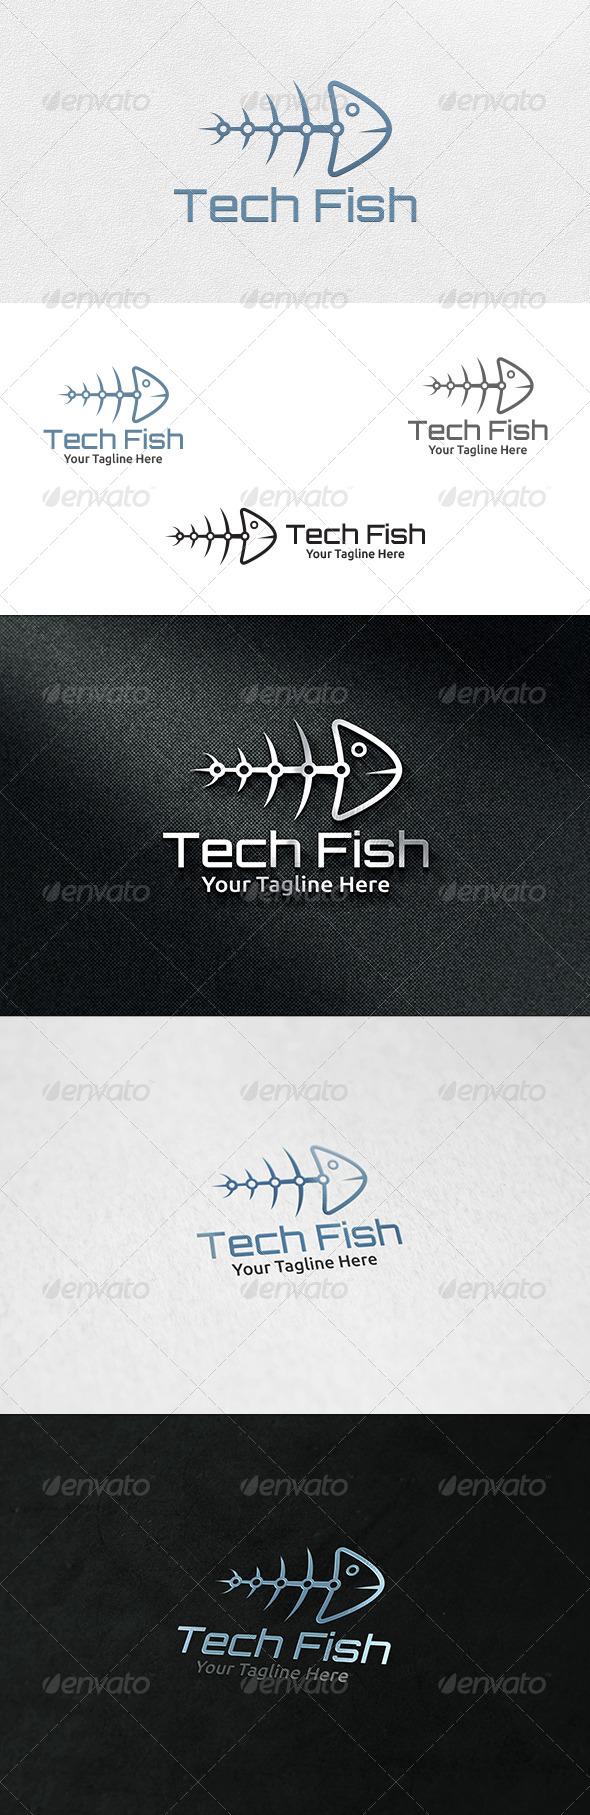 GraphicRiver Tech Fish Logo Template 7032535